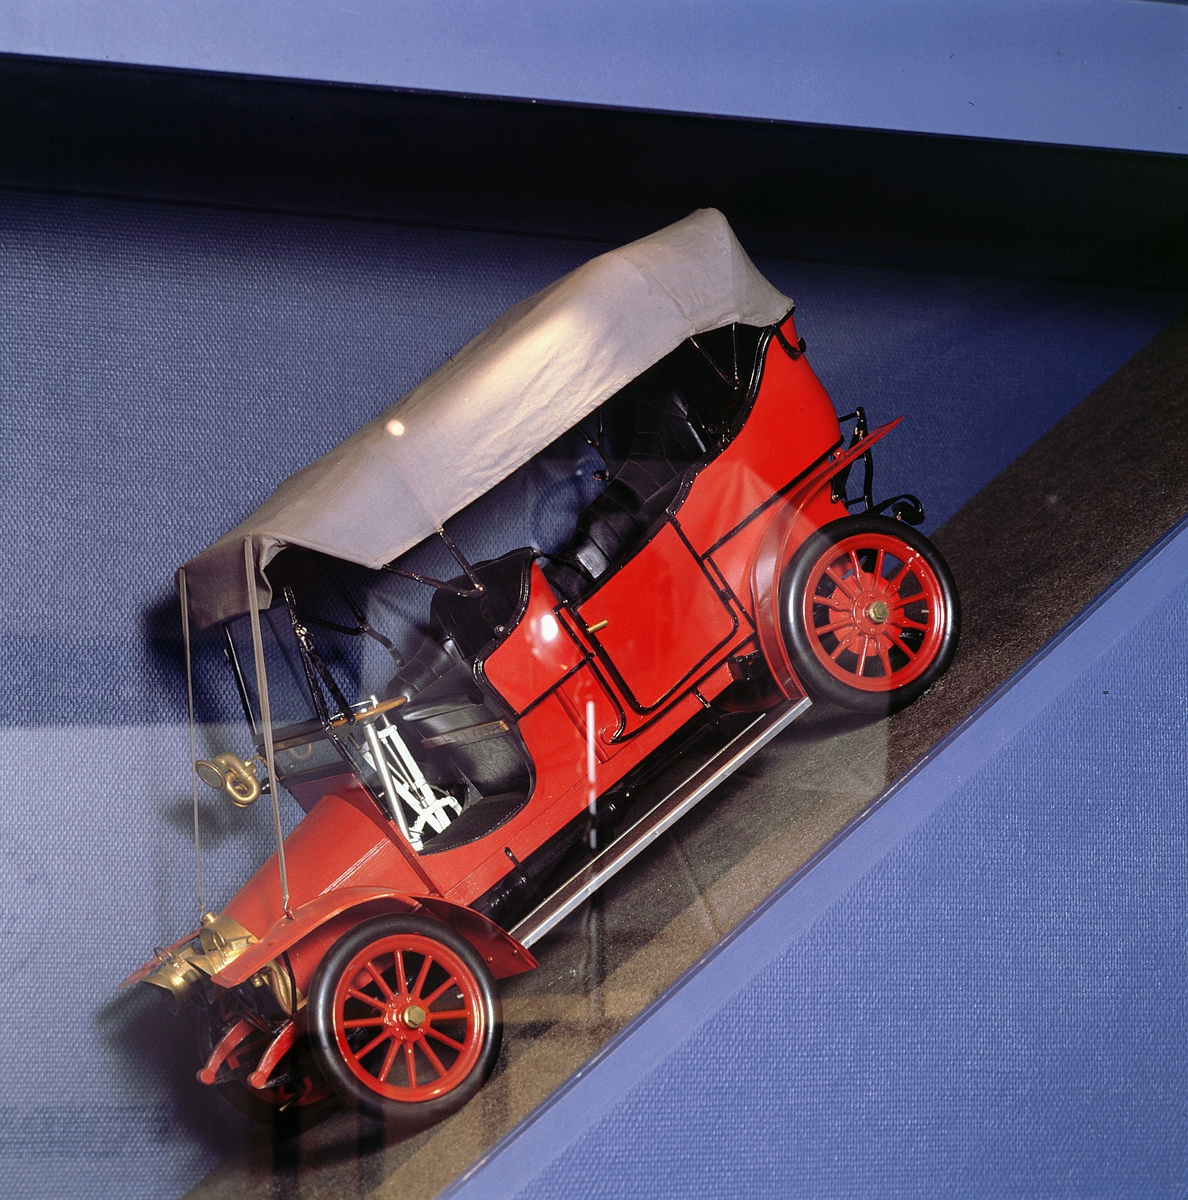 postmuseet, Kirkegata 20, utstilling, lastebilmodell